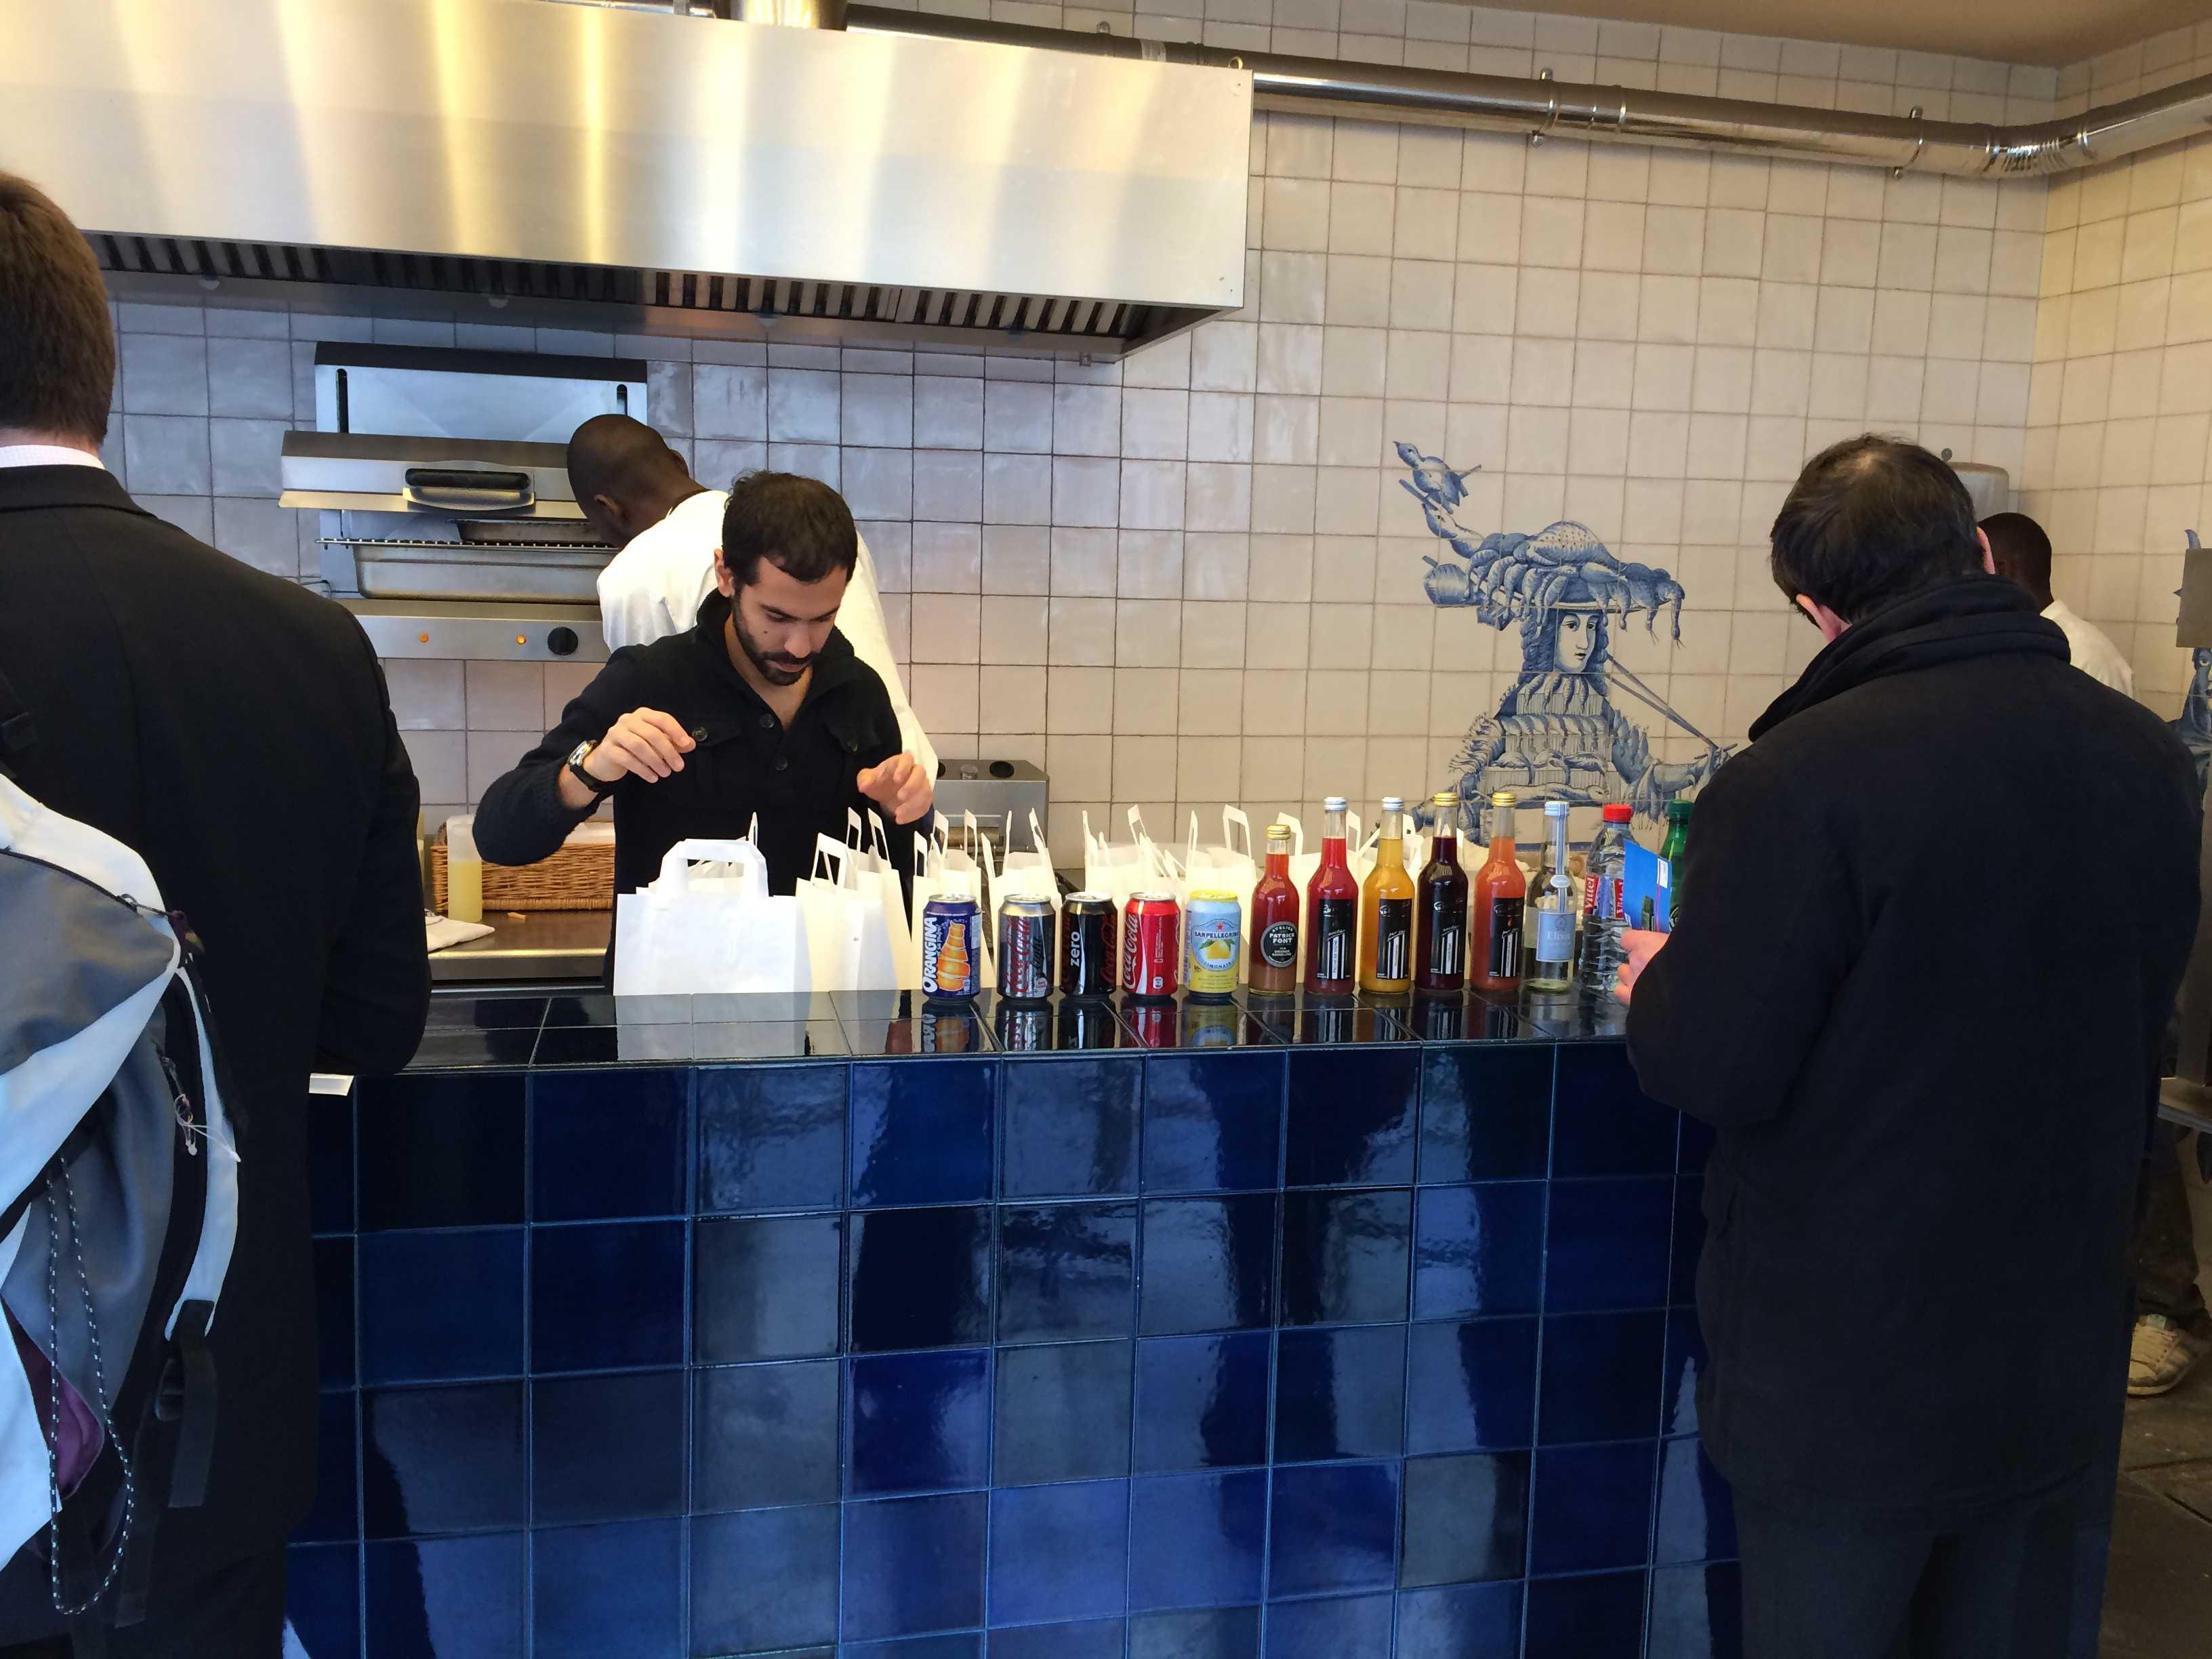 Grill paris 2e coup de fourchette blog guide des restaurants paris - Restaurant poisson grille paris ...